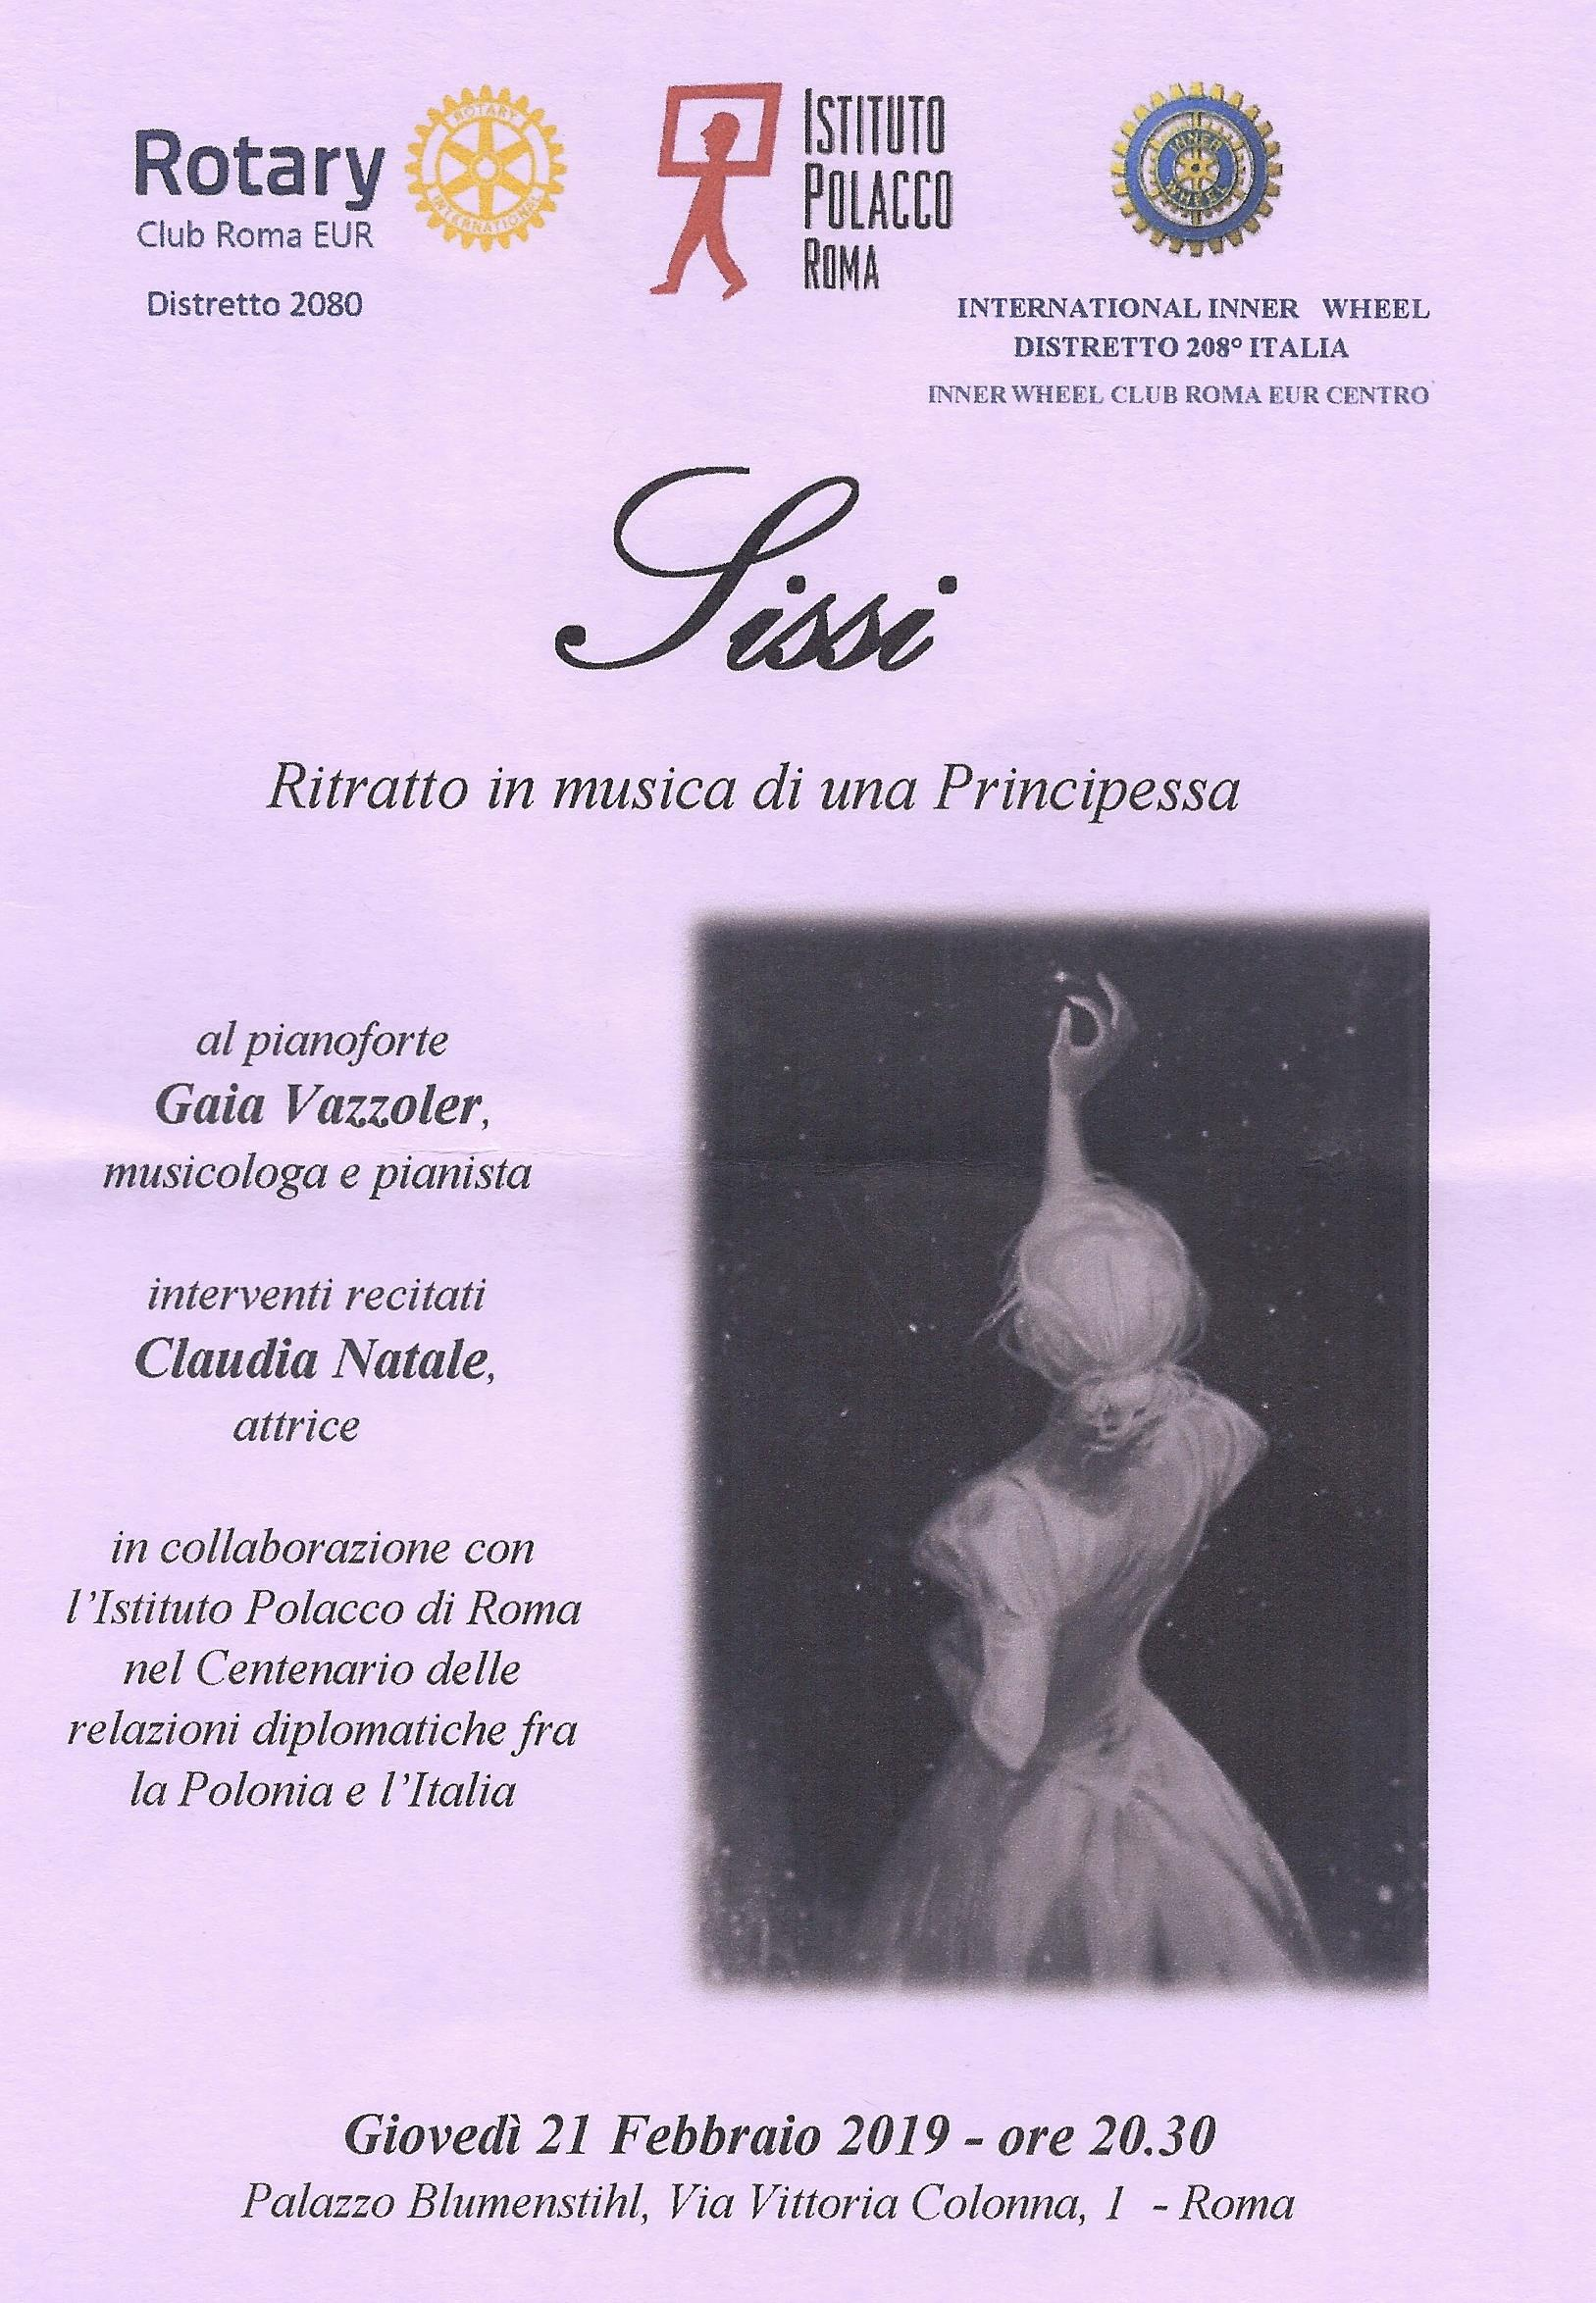 SISSI – Ritratto in musica di una Principessa. - Rotary Roma Eur b5edf902efdf